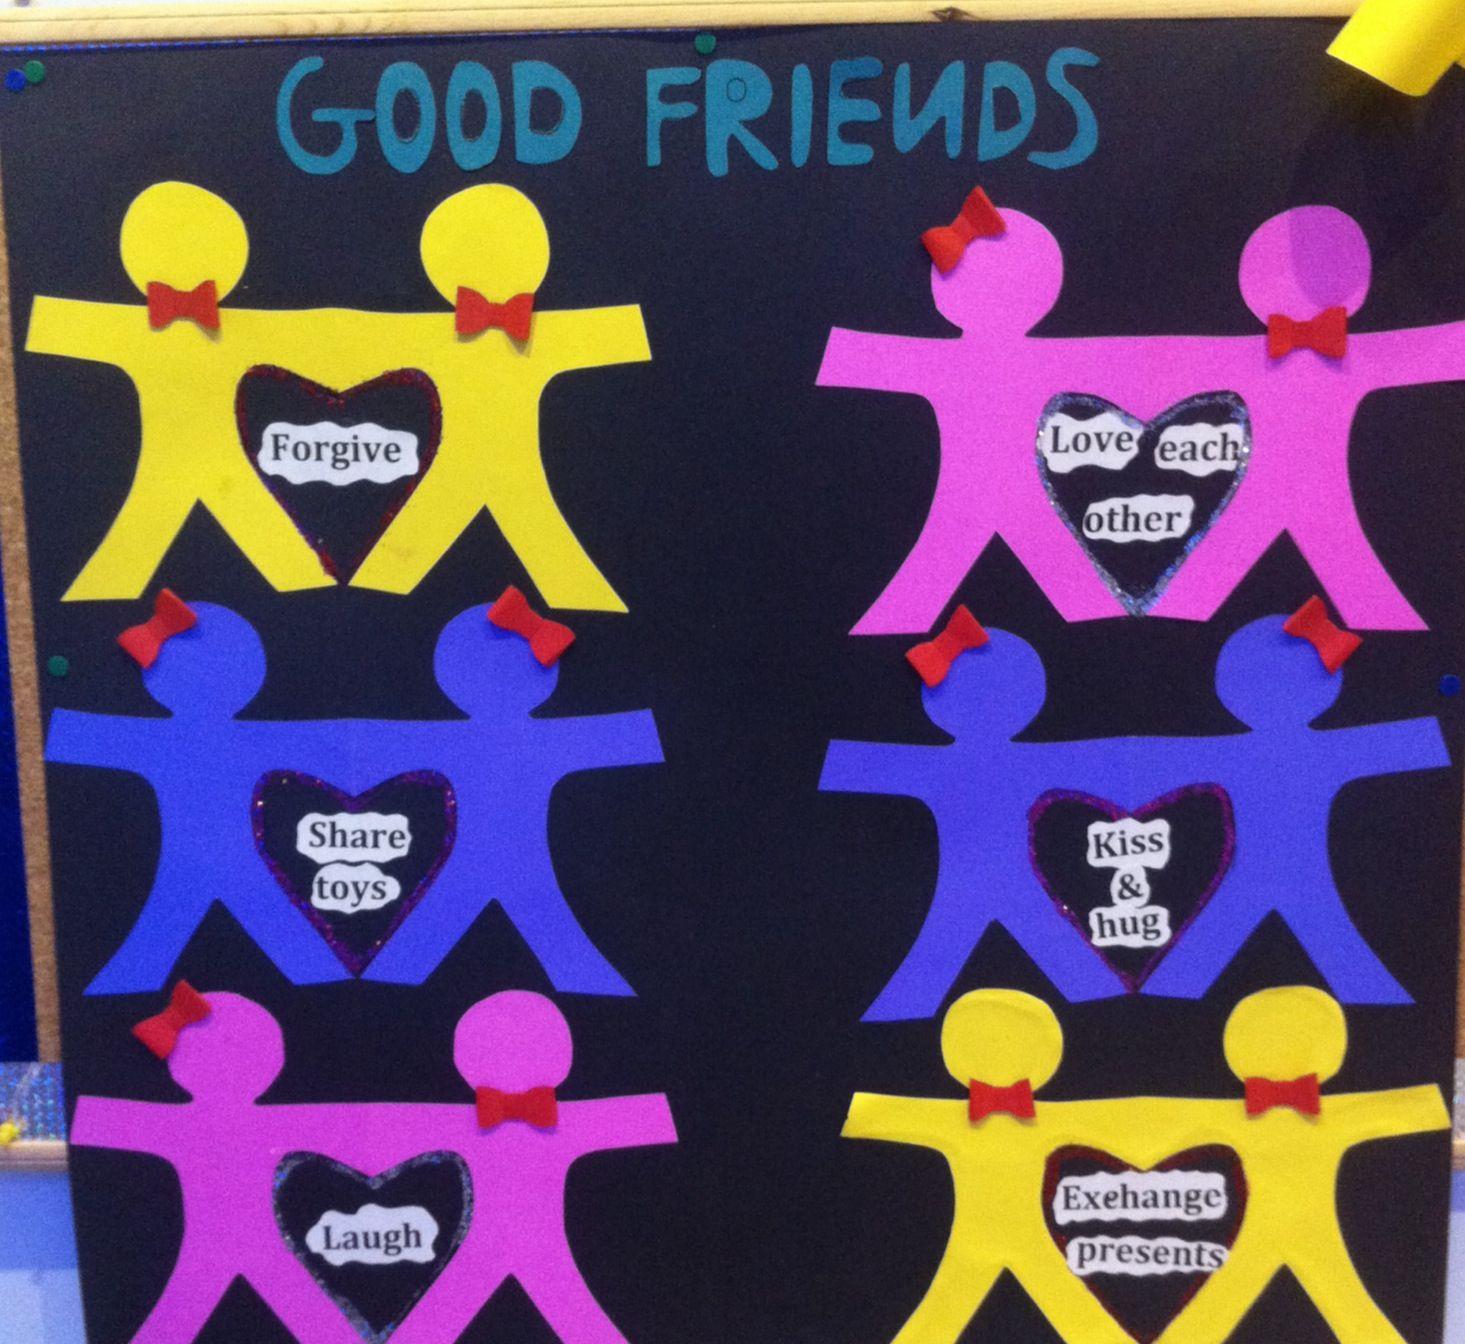 Friendship Bulletin Board Ideas For Kindergarten Preschool